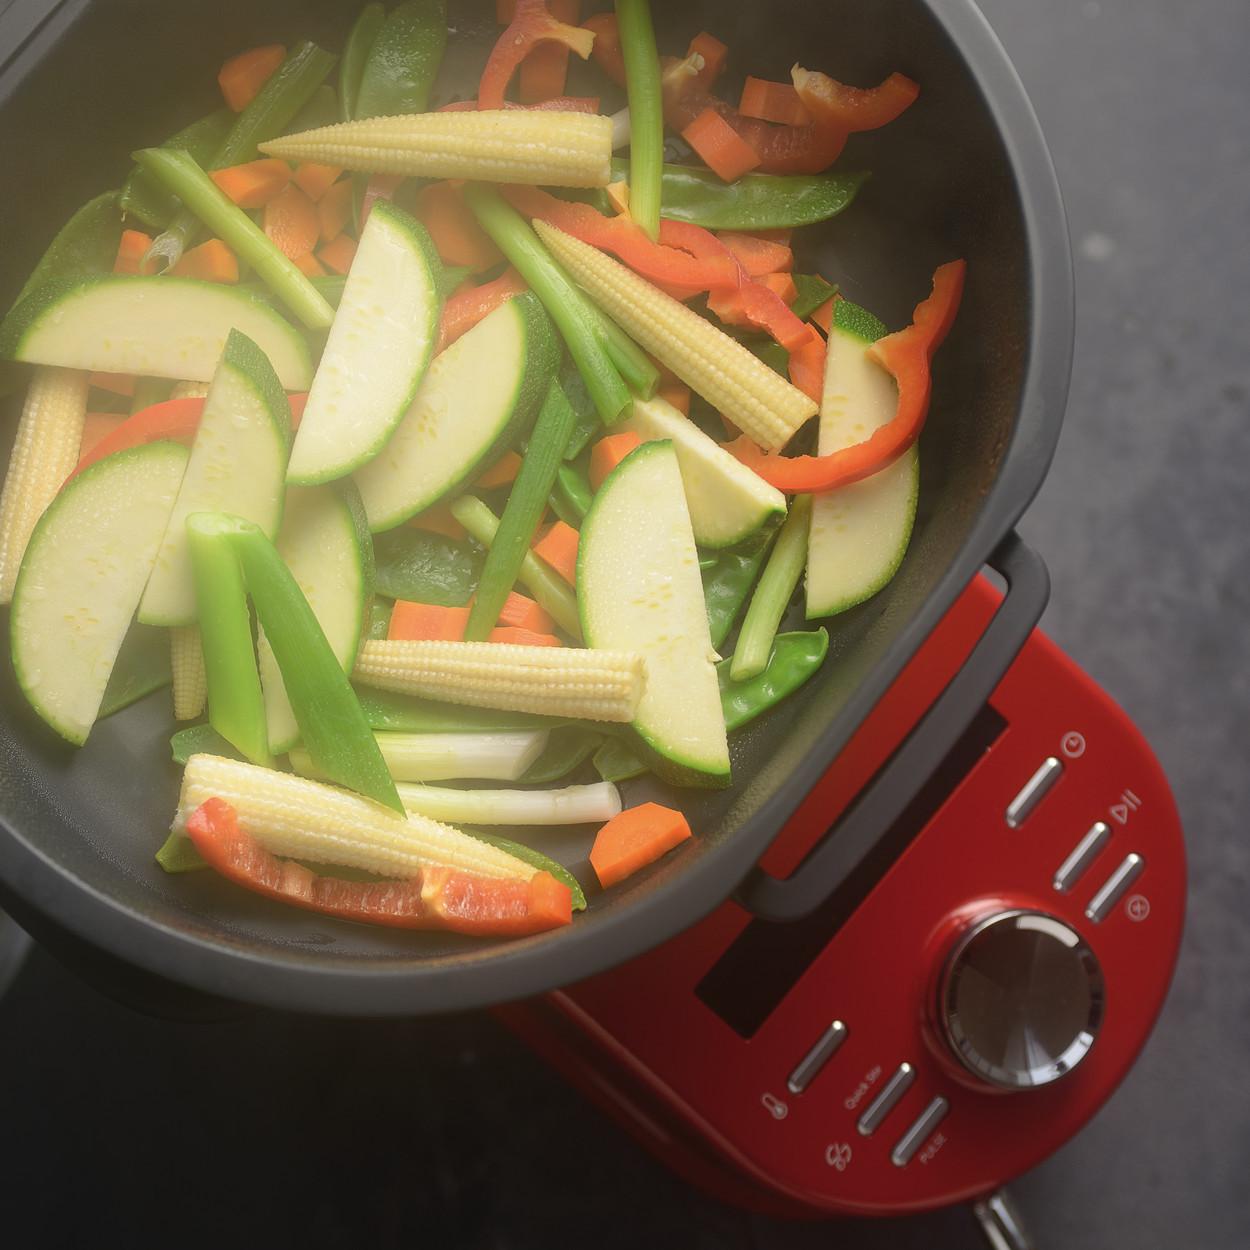 KitchenAid Cook Processor - Zubereitung Dünsten